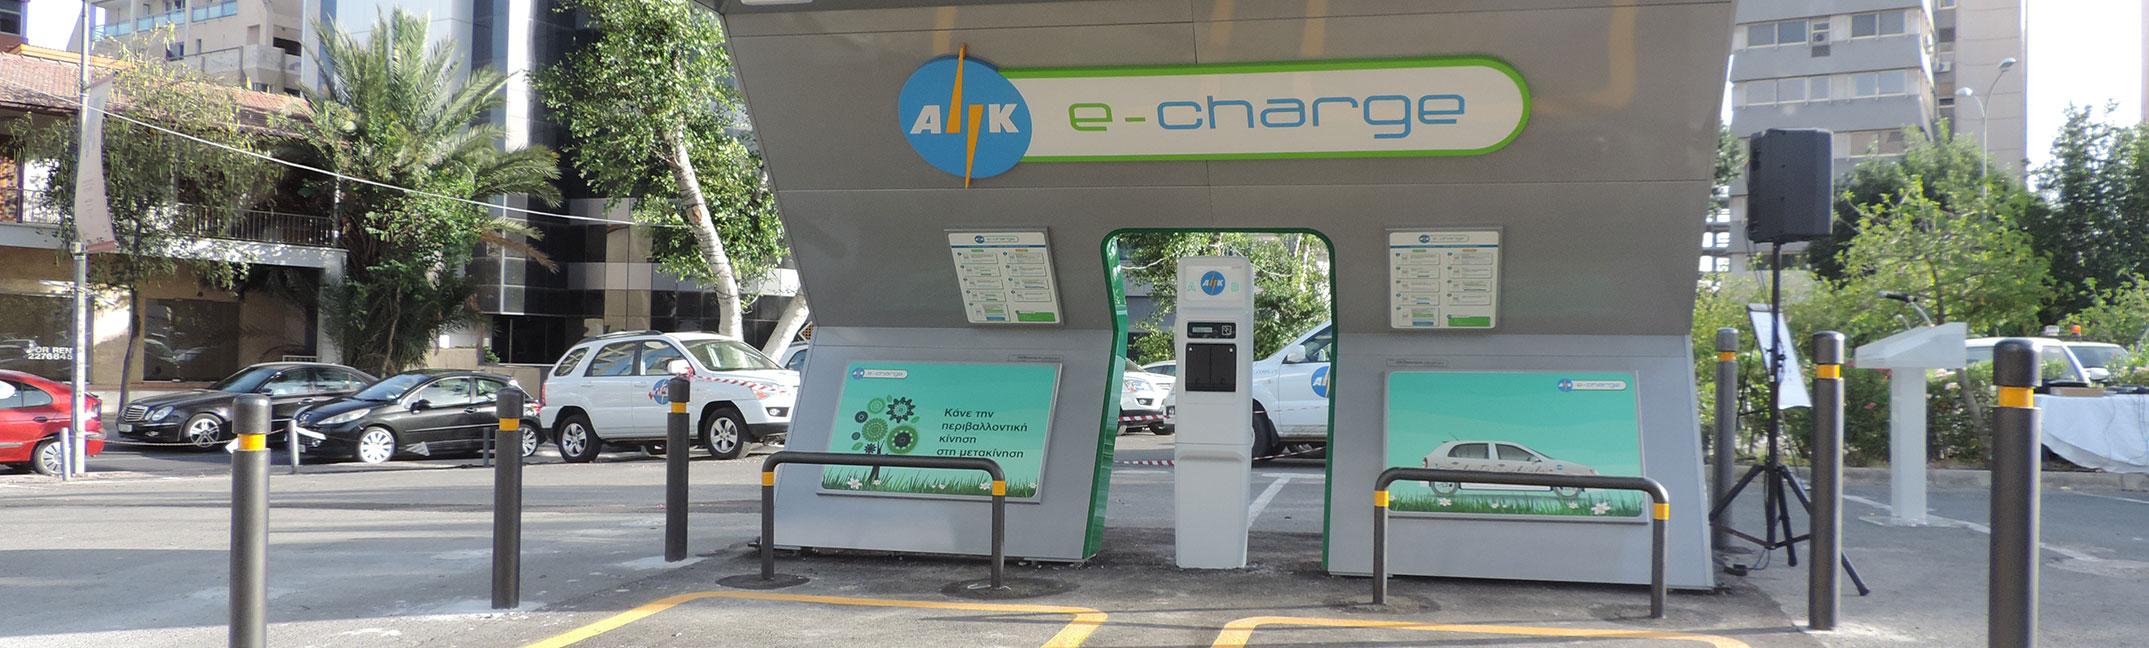 e-charge-photo.jpg